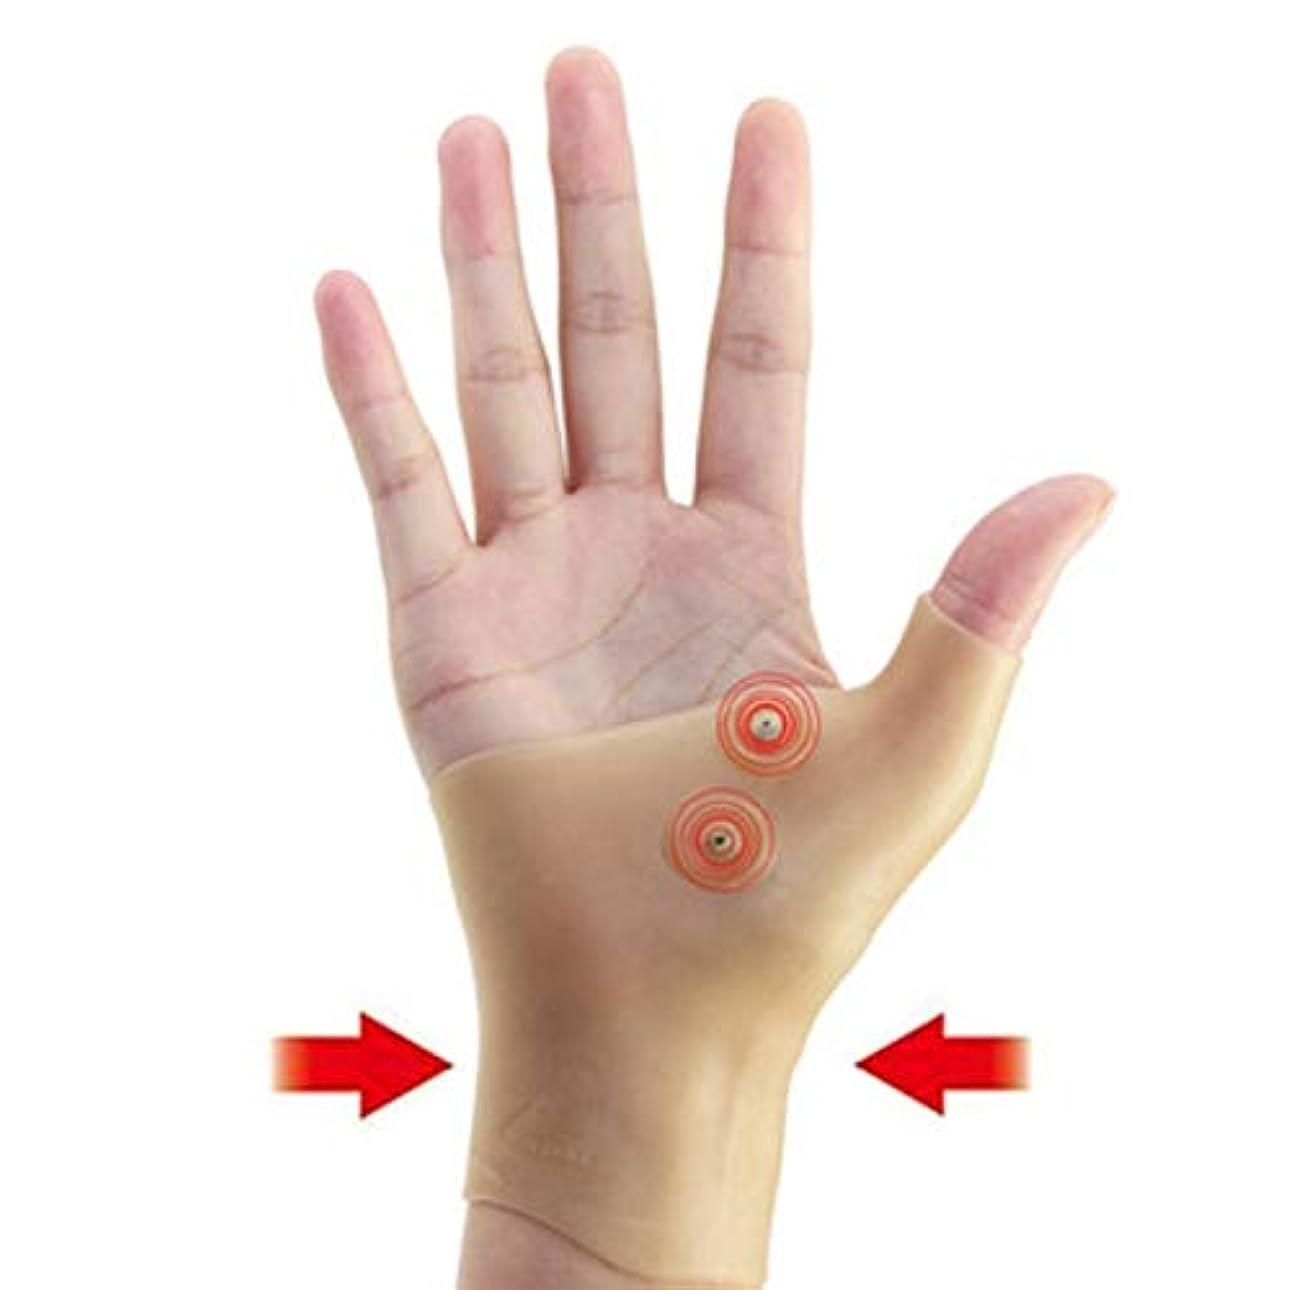 飾る慢性的優遇1 ピースシリコンゲル 磁気治療手首 ハンド 親指支持手袋関節炎圧力補正 マッサージ 痛みリリーフ 手袋 a016